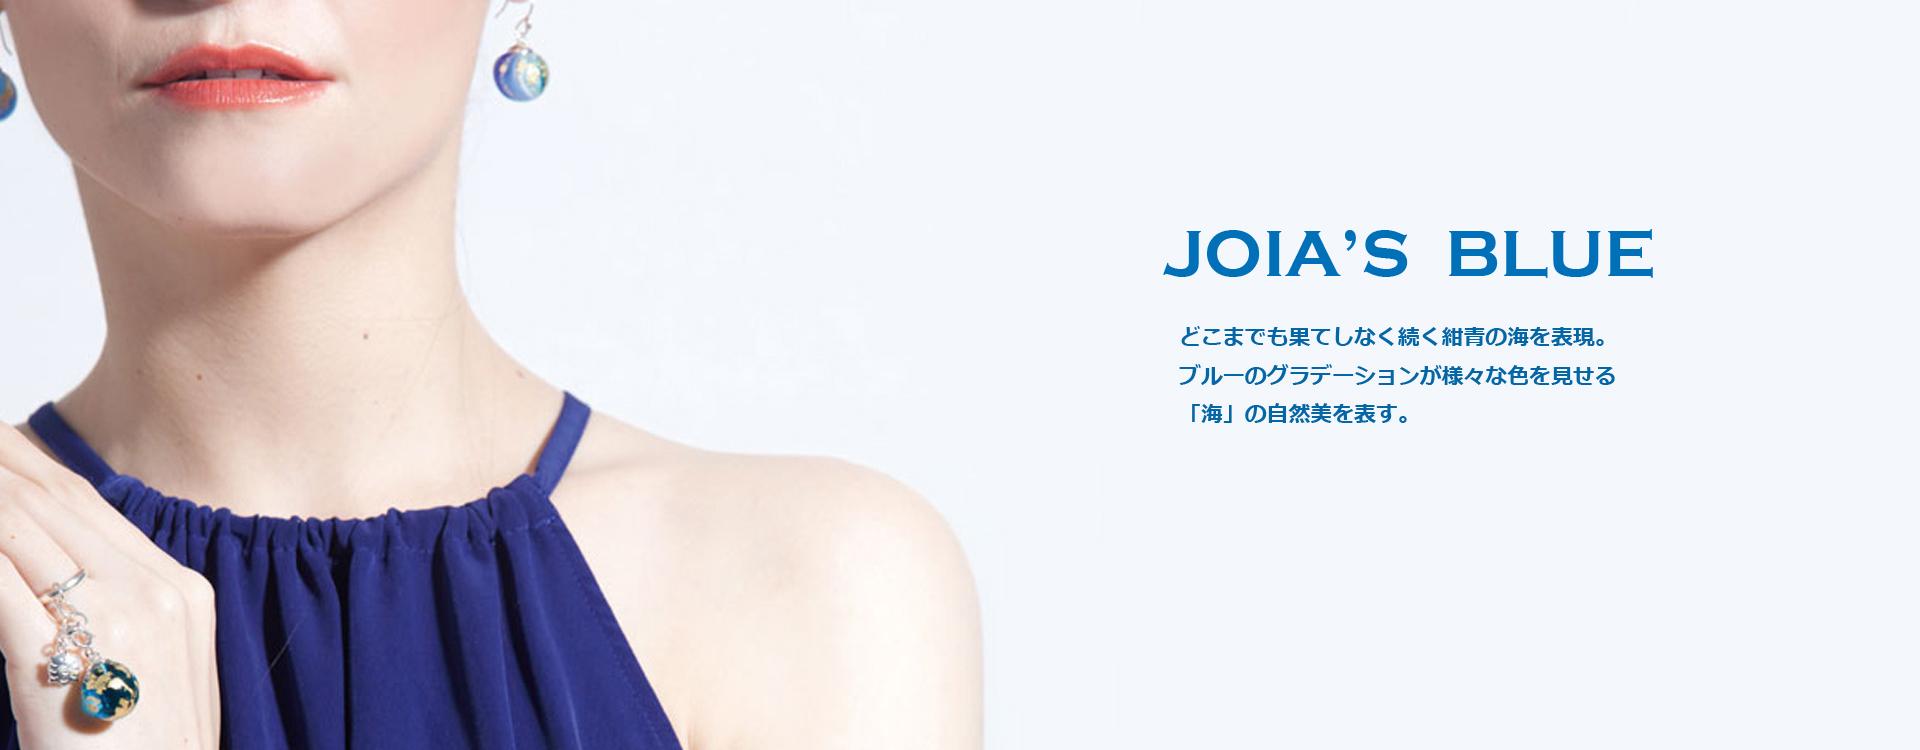 JOIA'S BULE